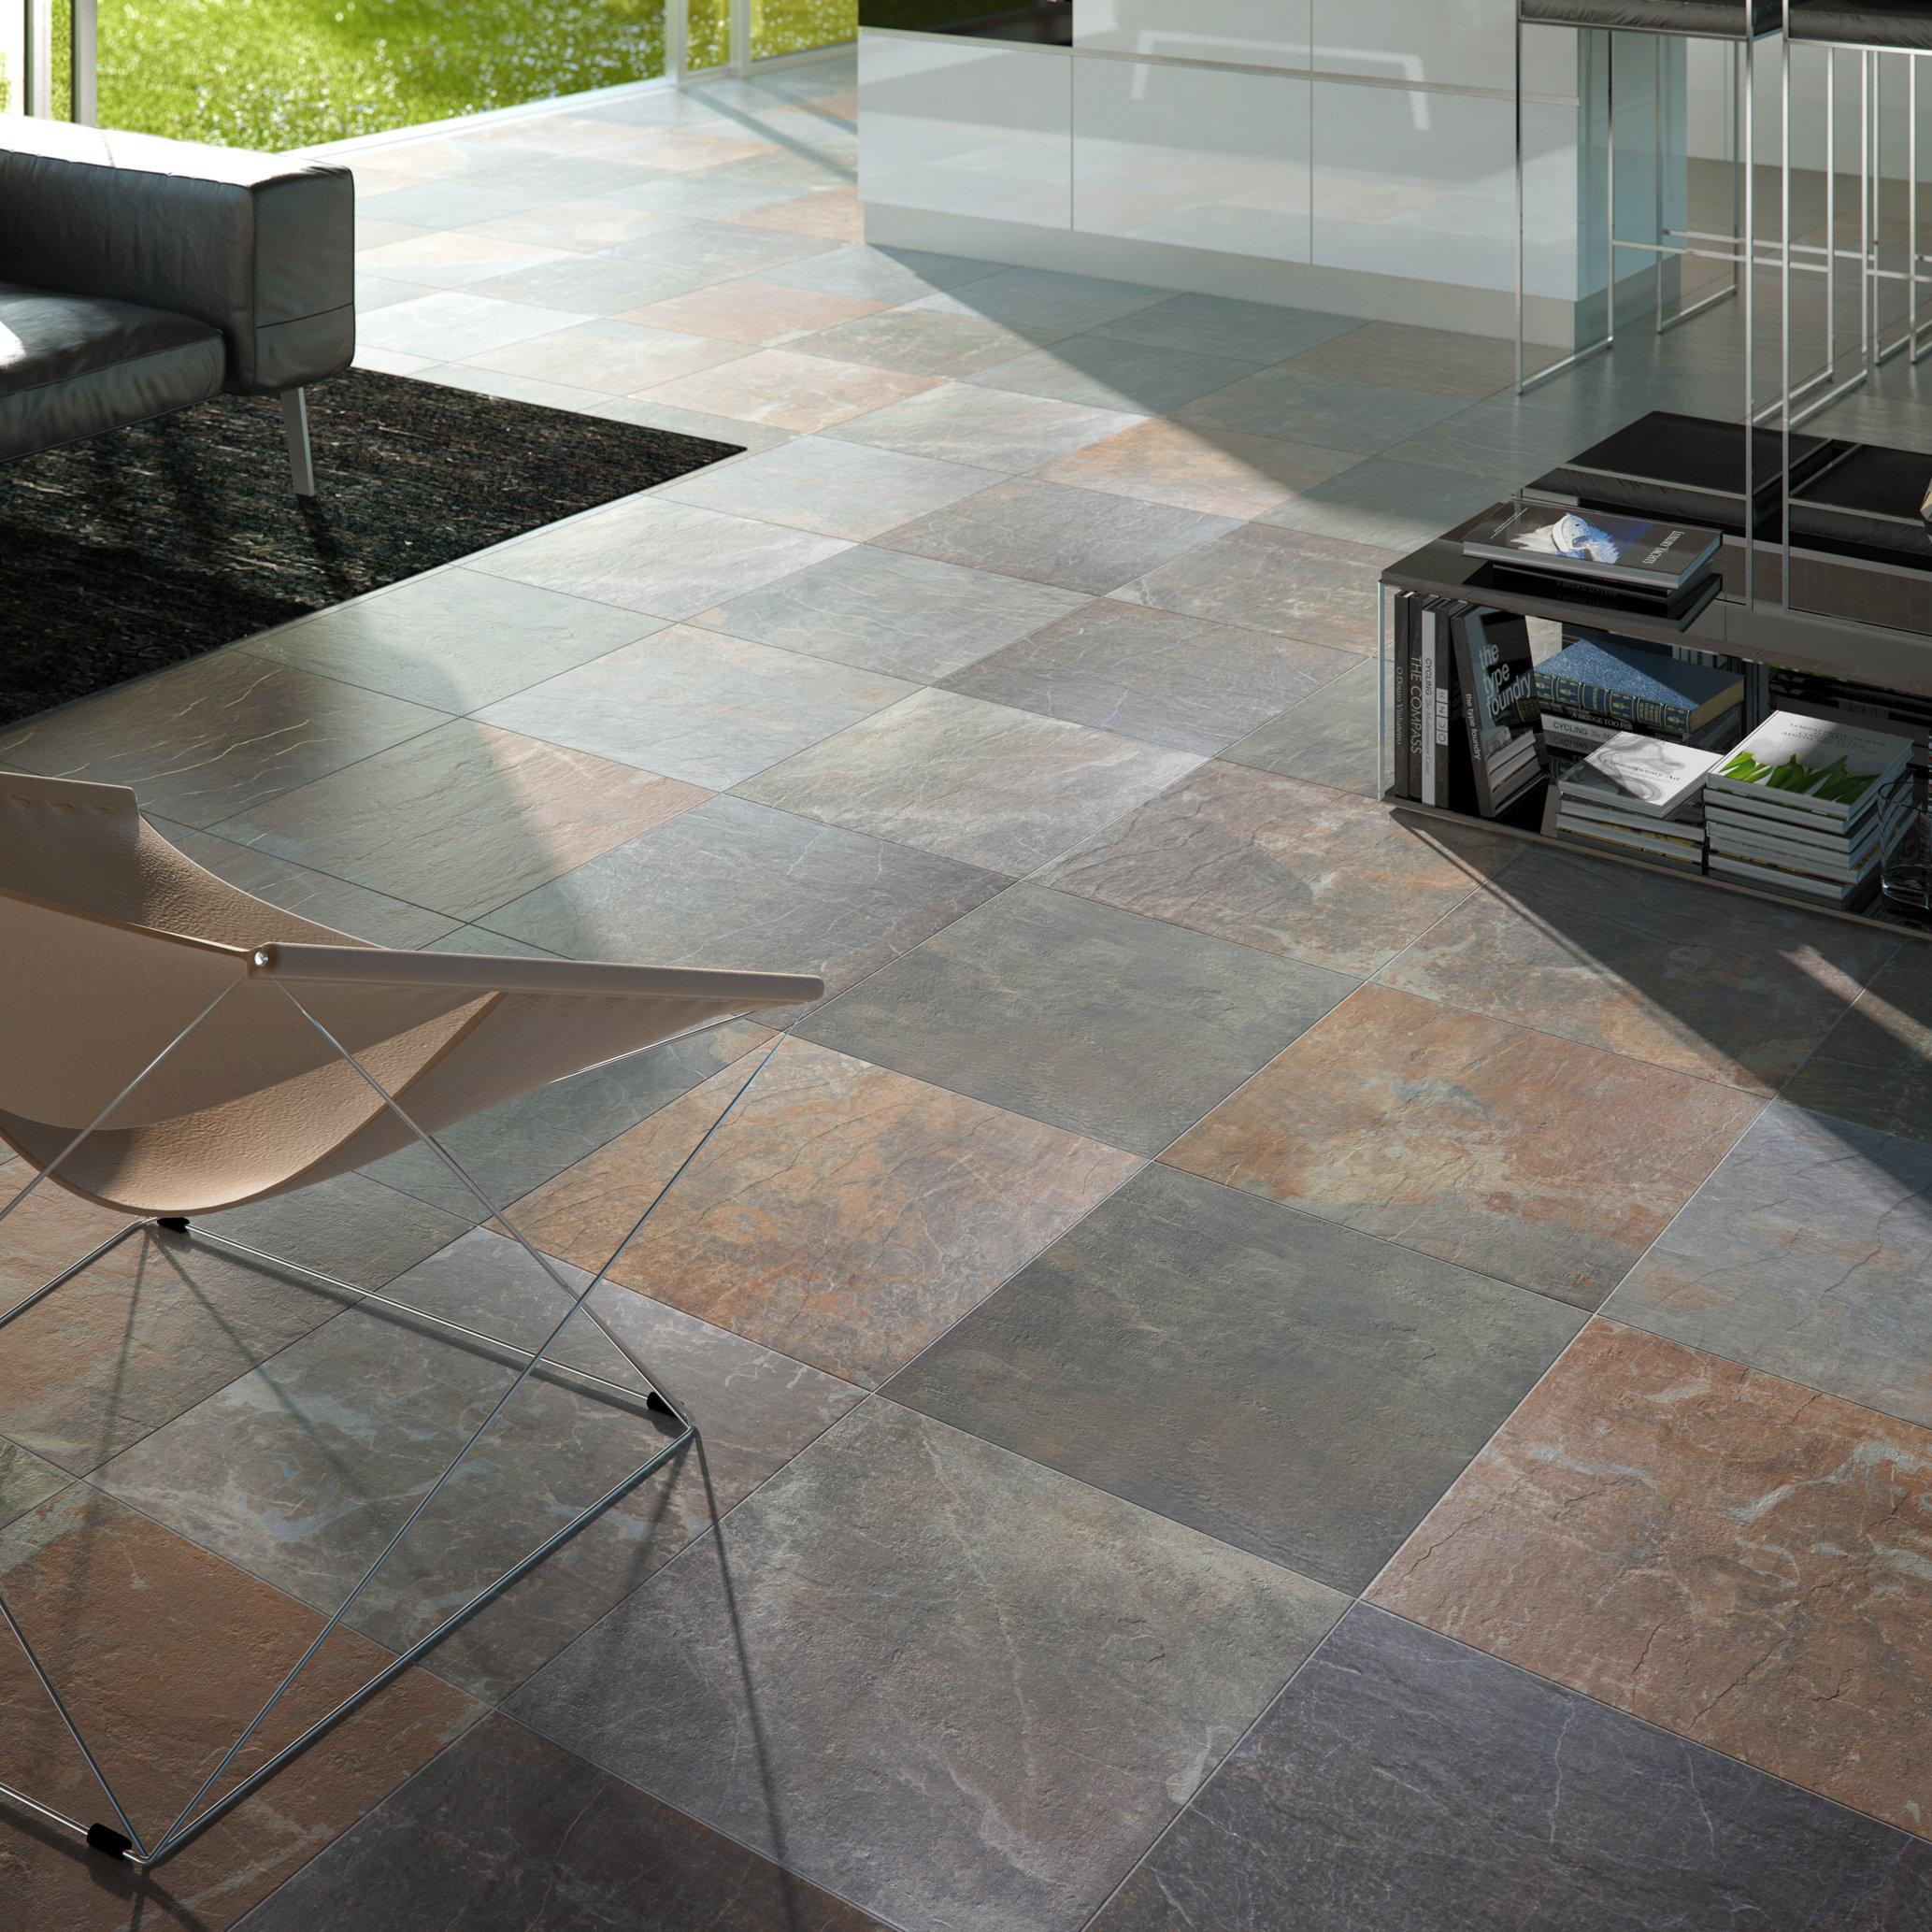 ... Outdoor 6: Slate Multicolor Porcelain In In Patio Floor Outdoor Room ...